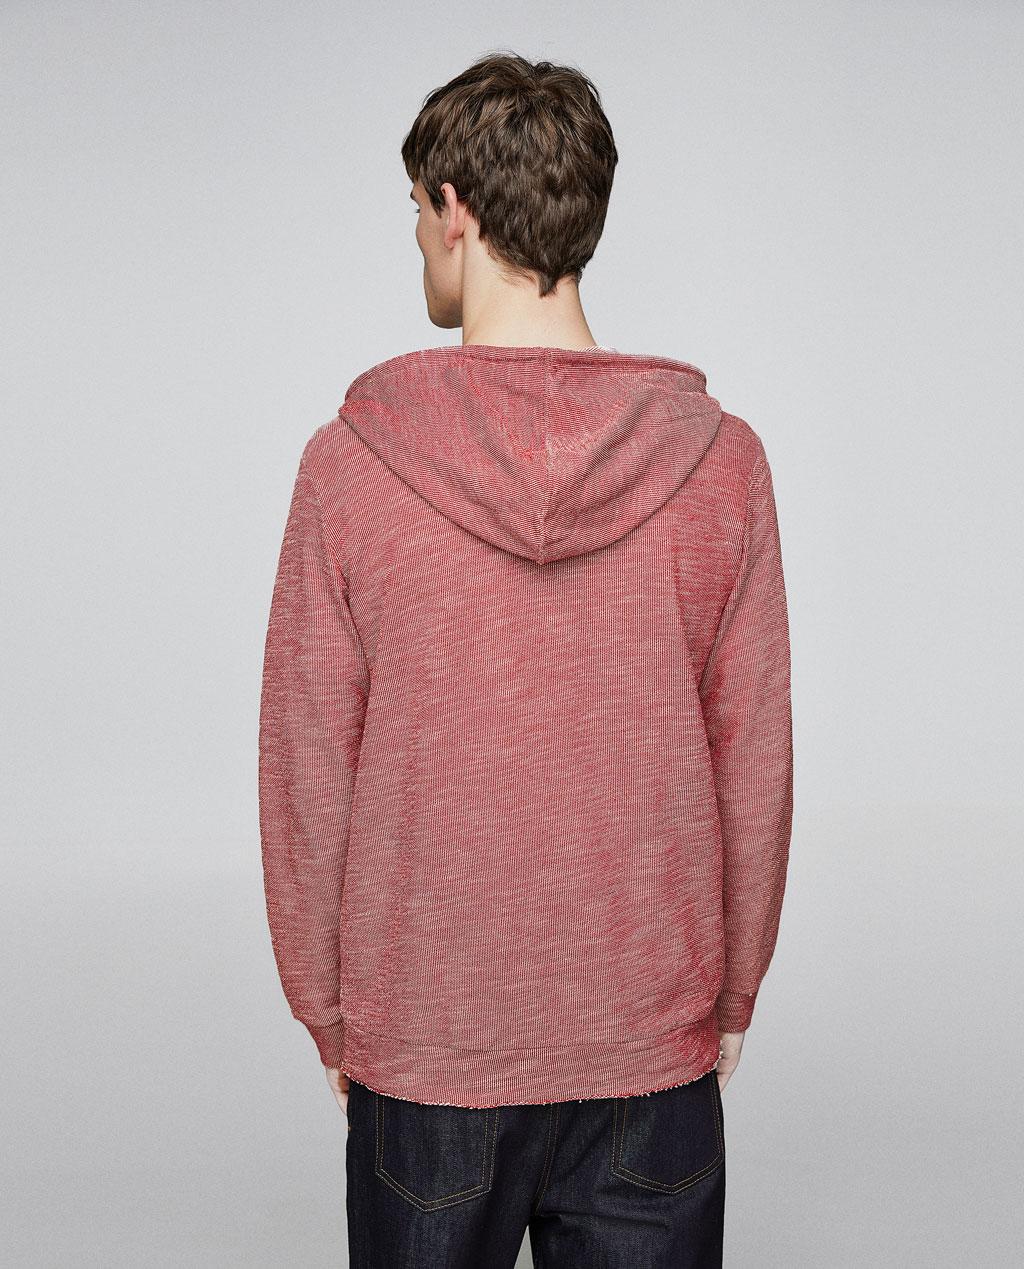 Thời trang nam Zara  23948 - ảnh 5